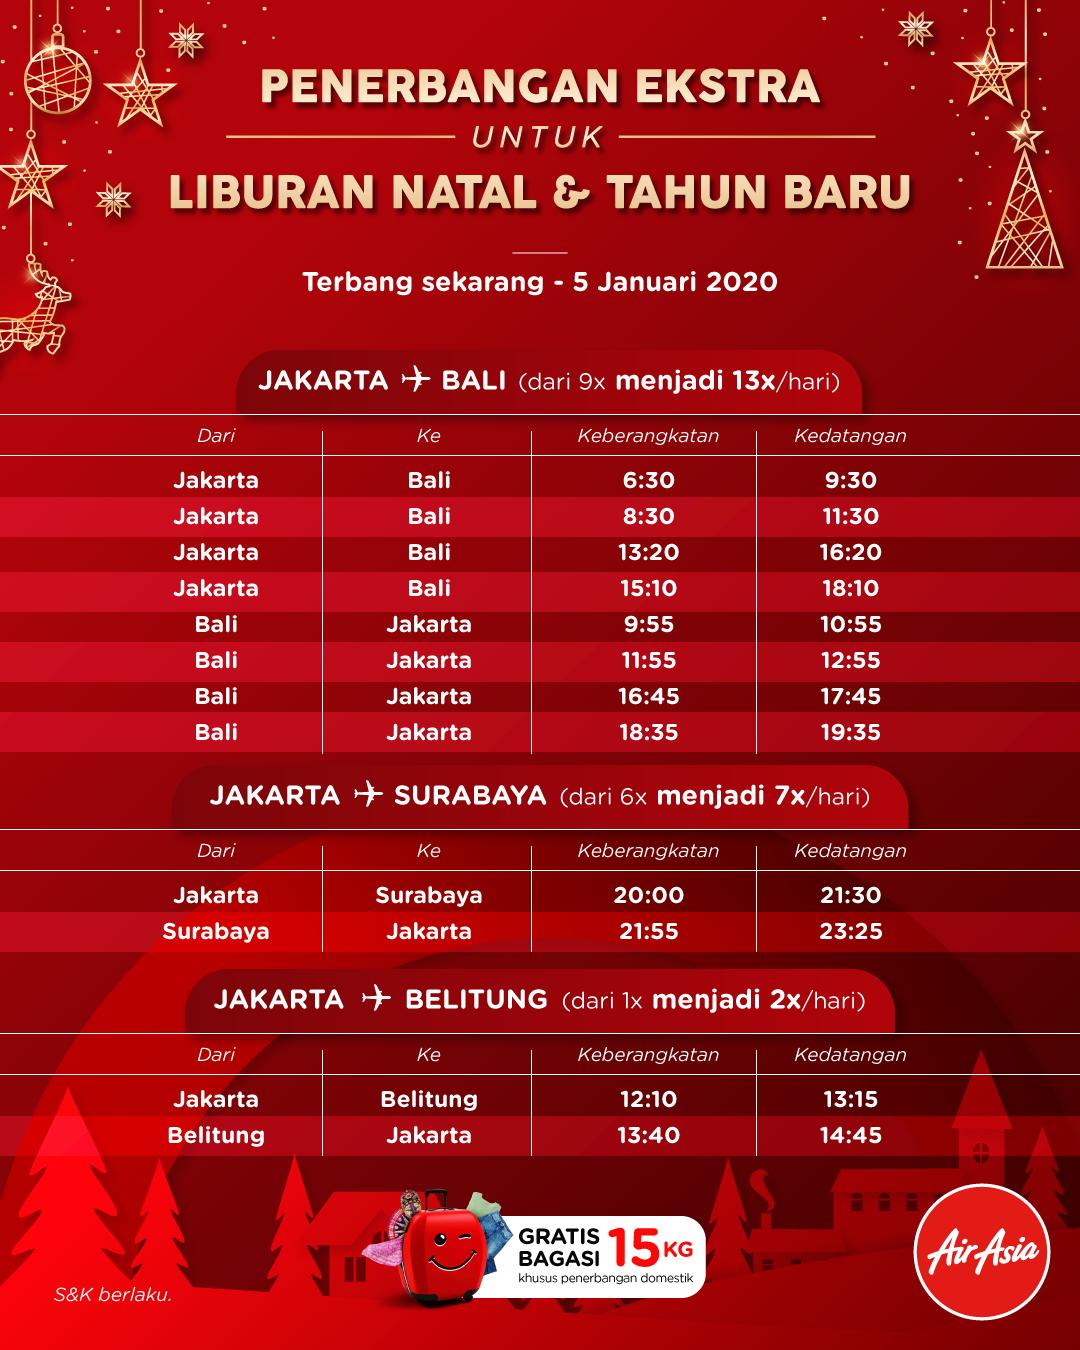 Sajian Spesial Airasia Sambut Libur Natal Dan Tahun Baru Airasia Newsroom